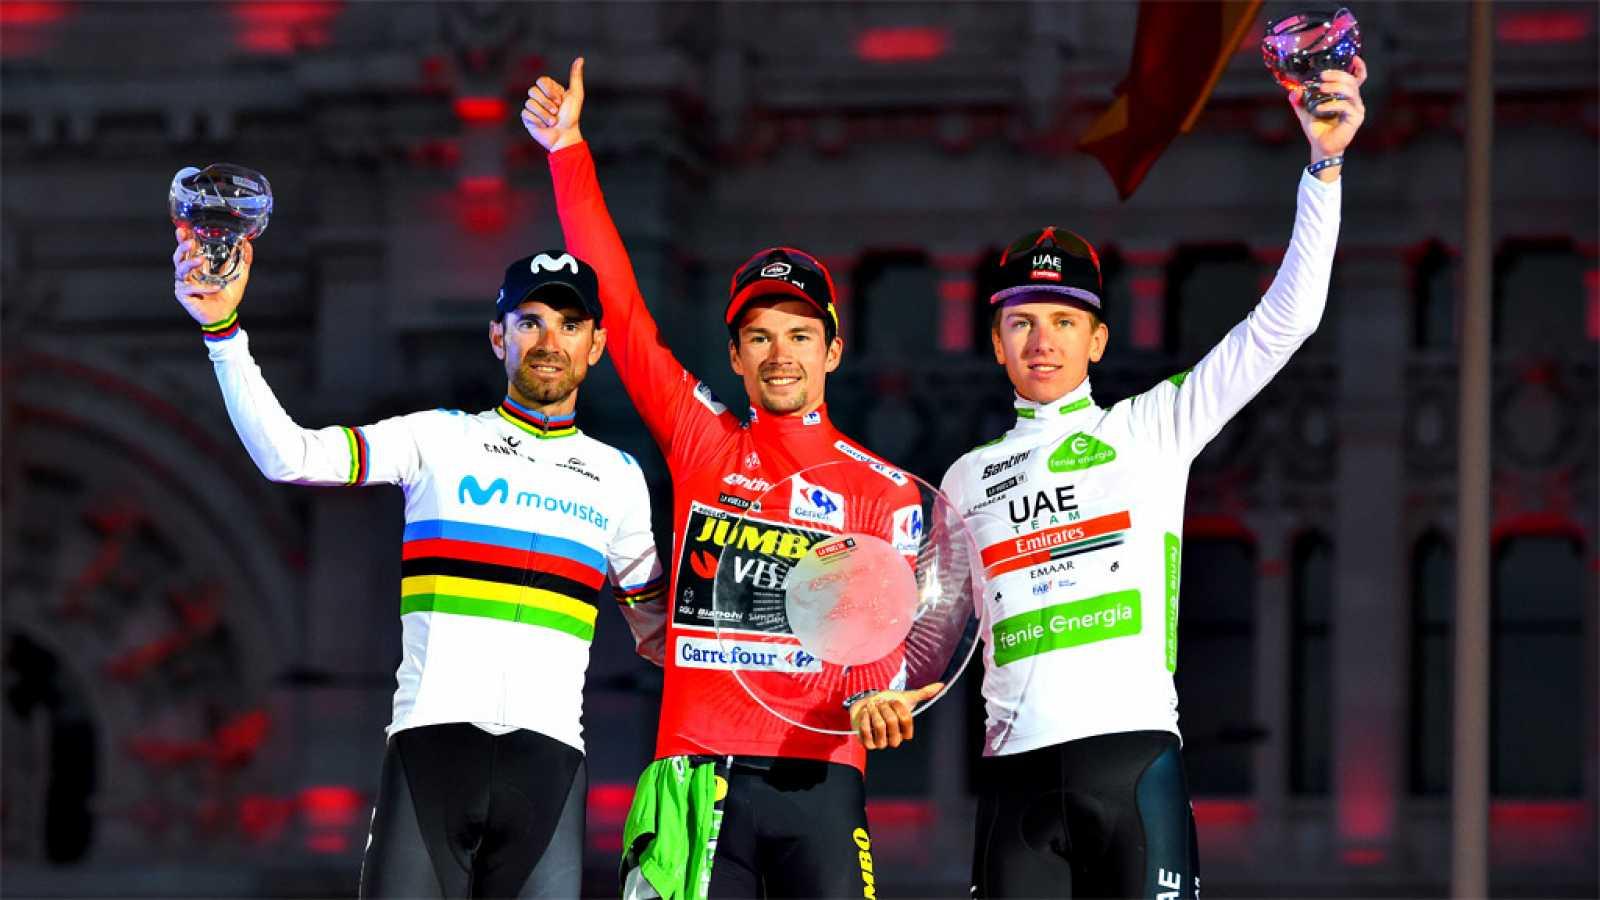 Roglic un salto del esquí al podio de la Vuelta a España | Internacional | Deportes | EL FRENTE